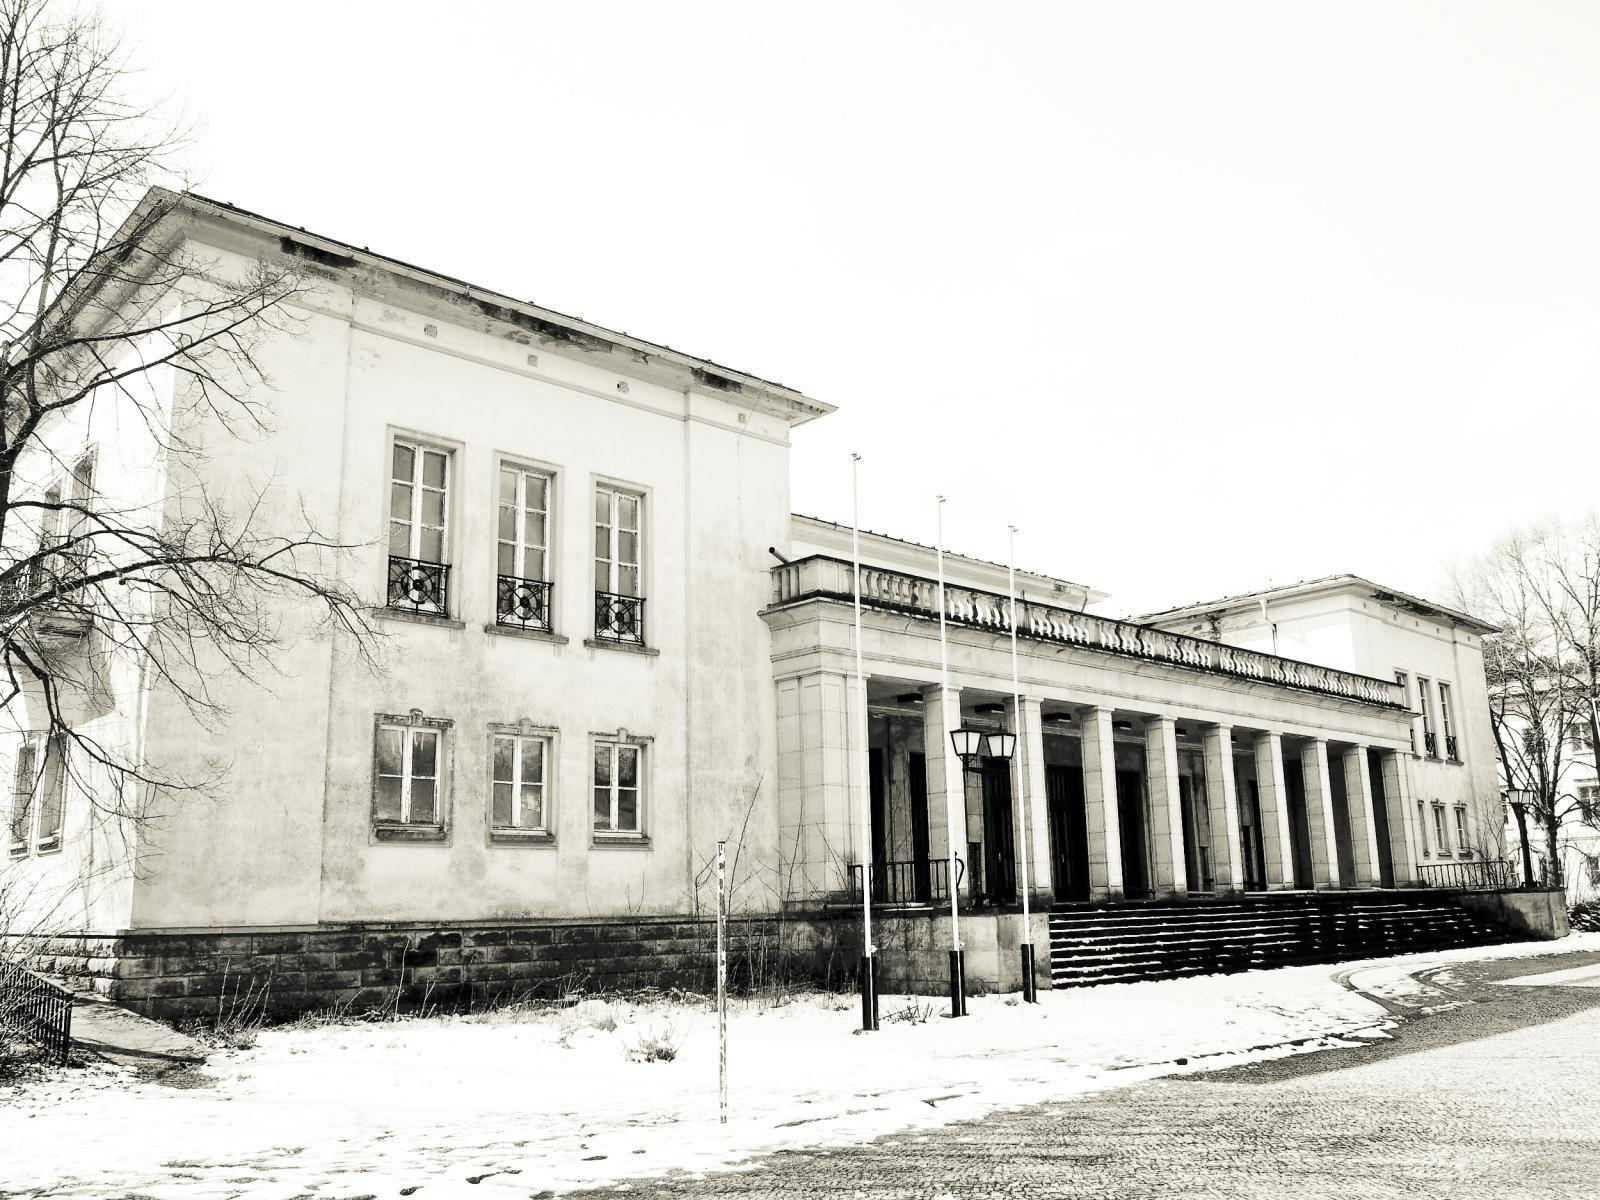 das ehemalige Kulturhaus auf dem Campus Bogensee